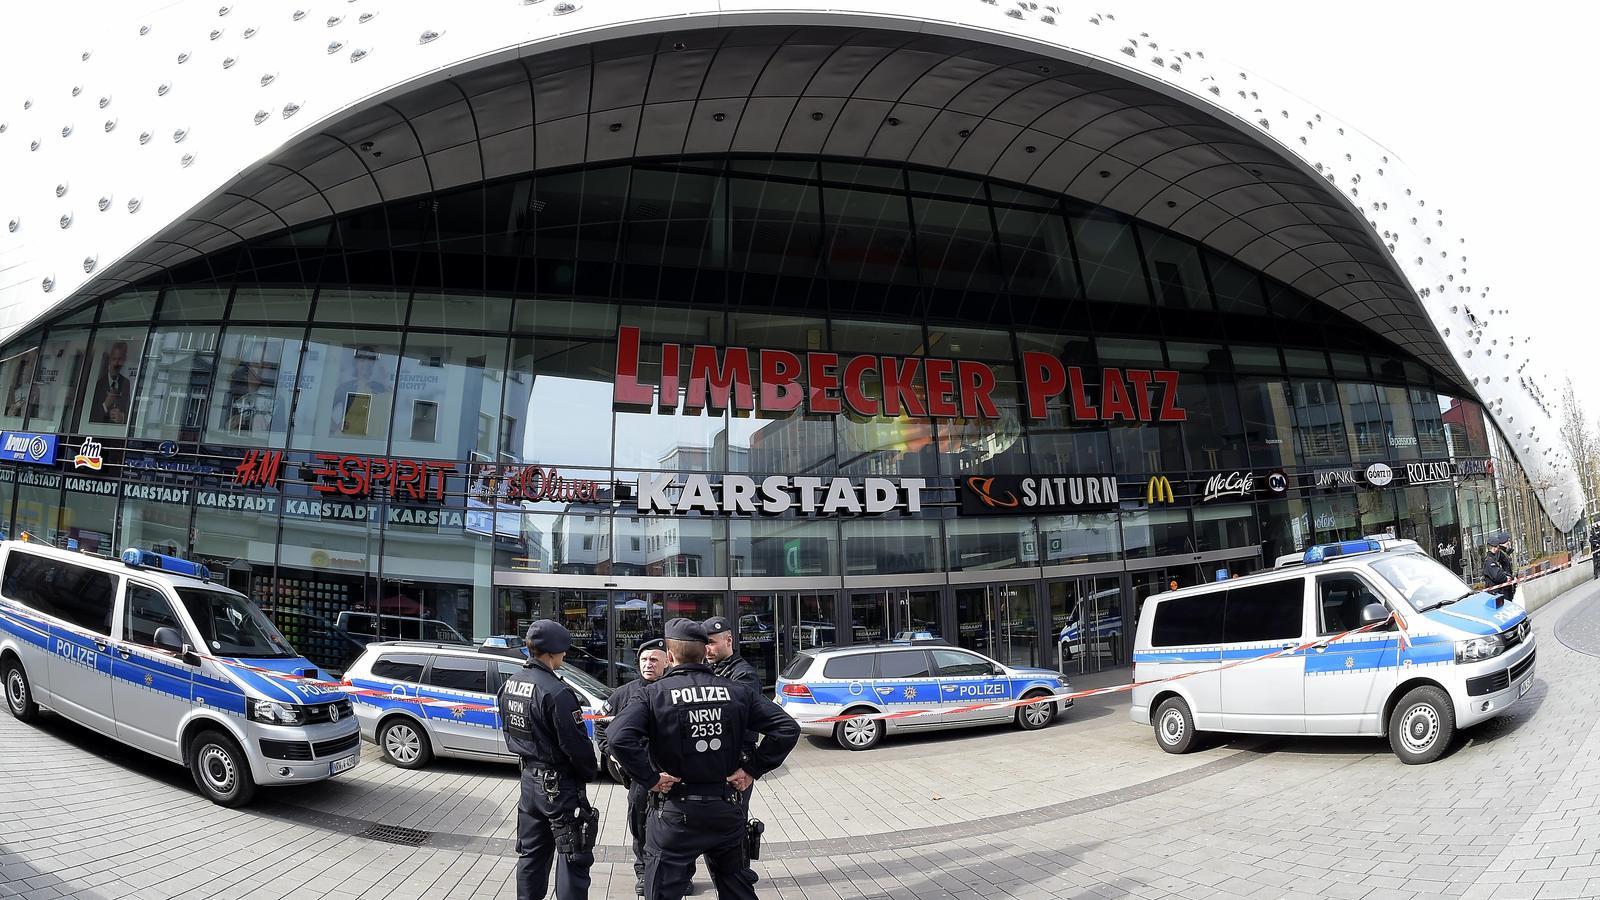 sicherheitskreise sprechen von islamistischem hintergrund polizei schlie t einkaufszentrum in. Black Bedroom Furniture Sets. Home Design Ideas